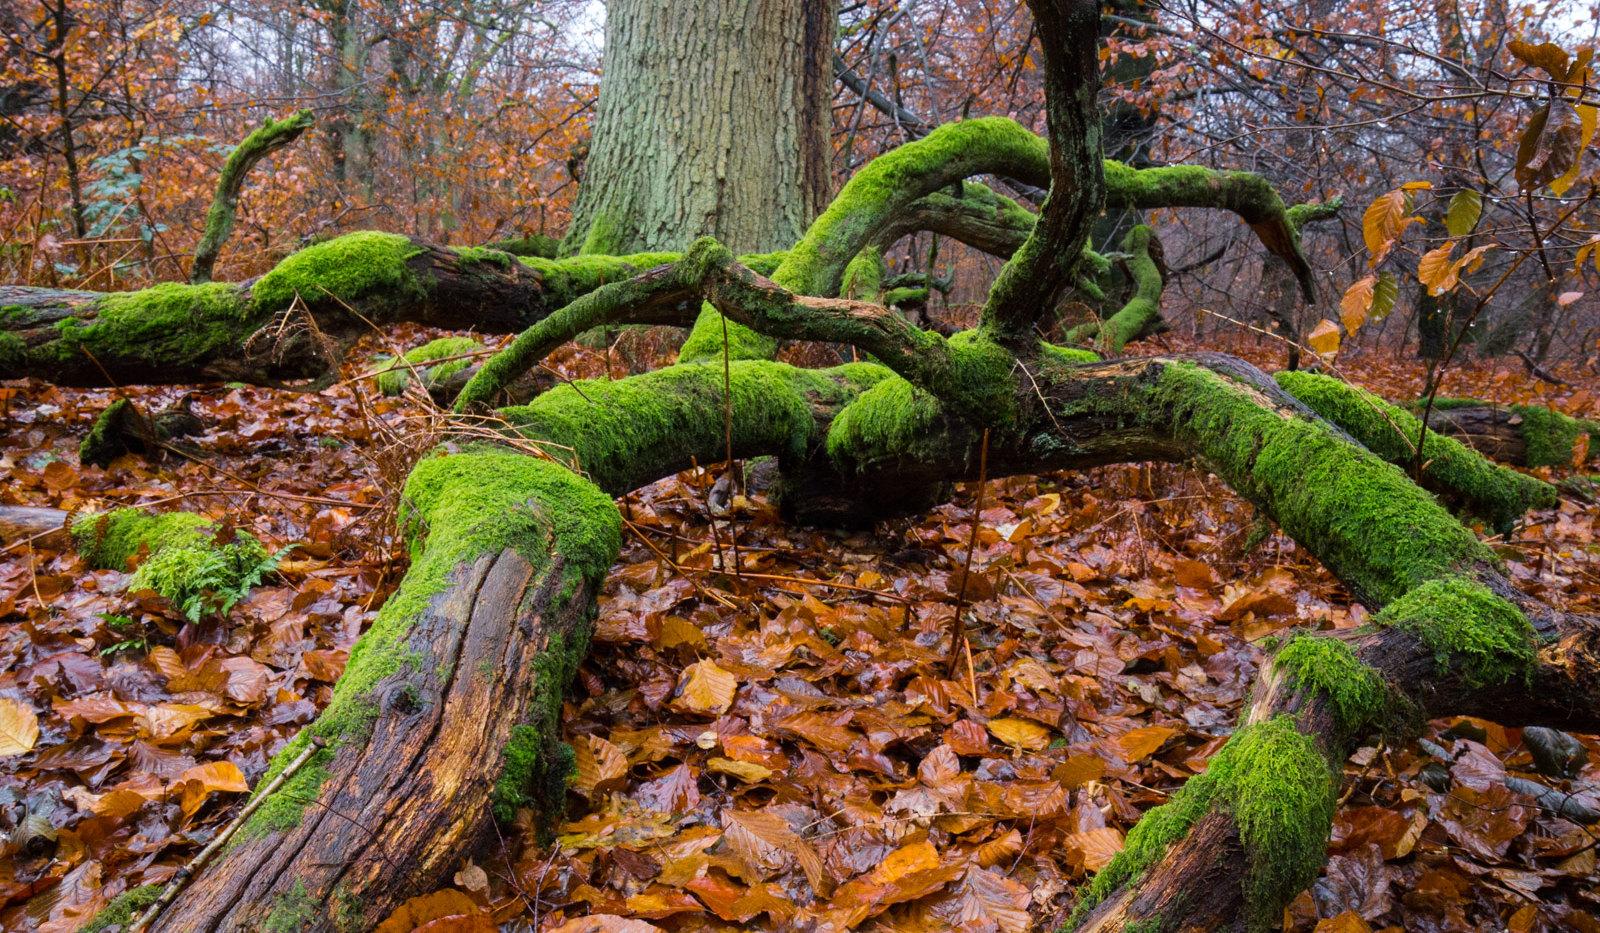 Sabawald in Hofgeismar | Wurzeln | fototouren.net